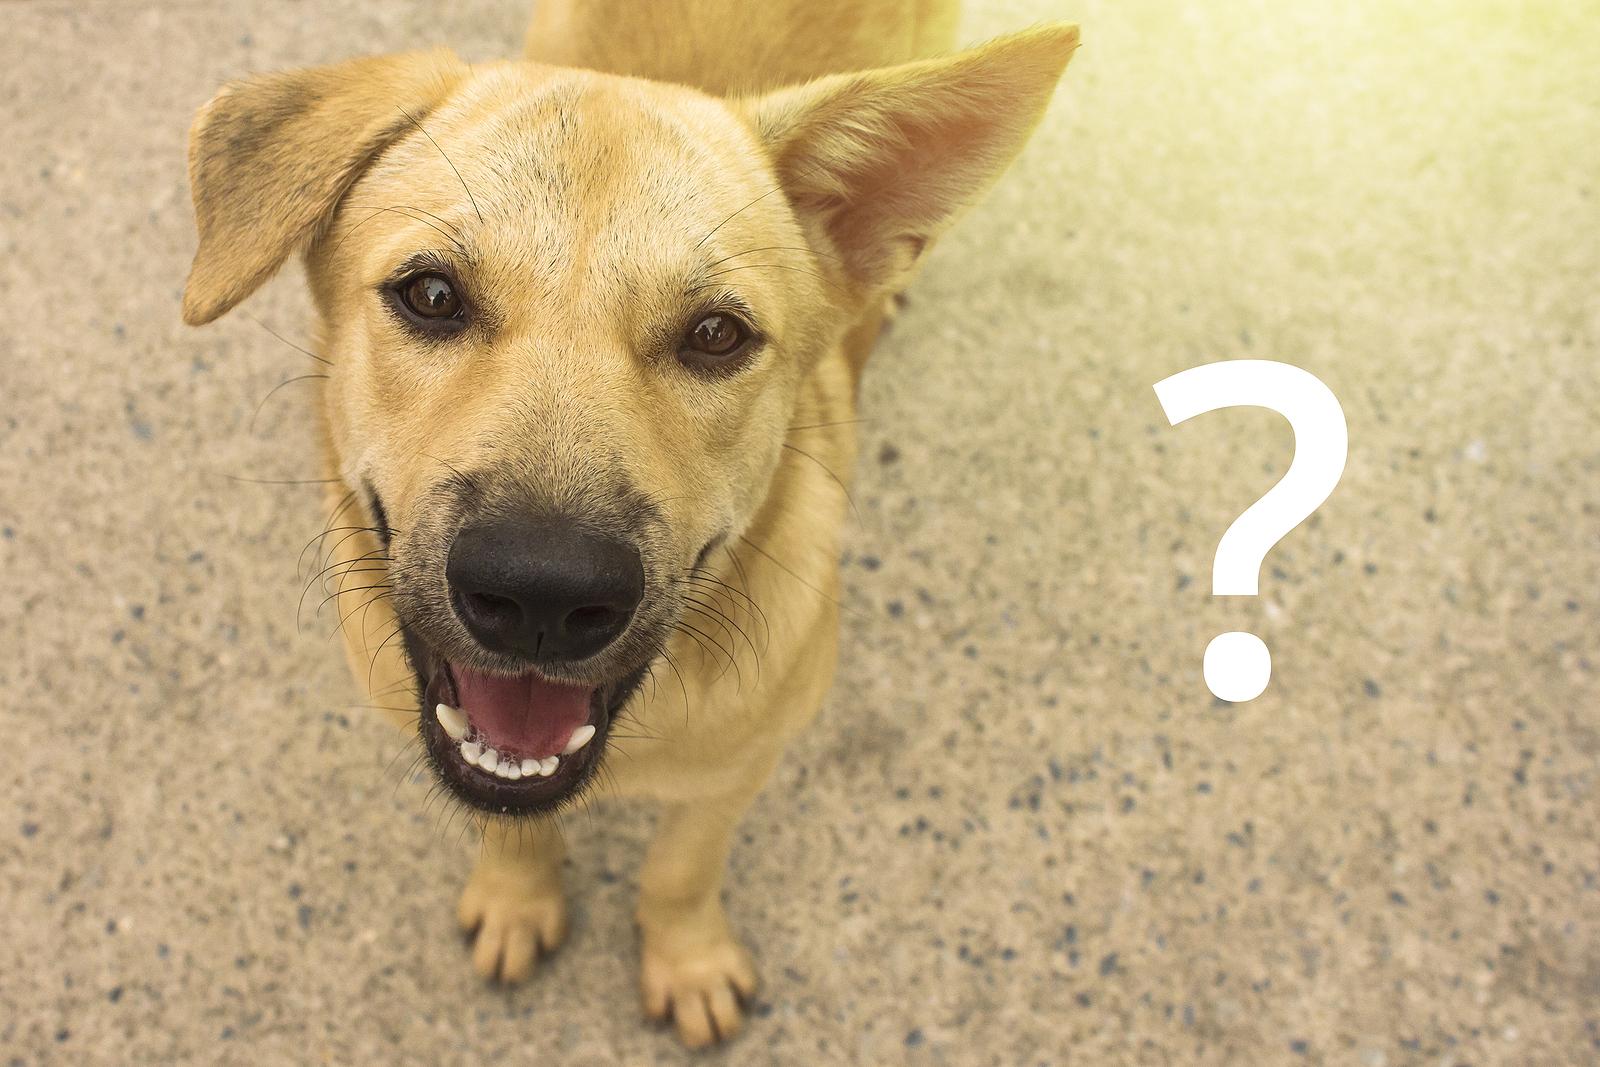 Mi okoz hasmenést kutyáknál?